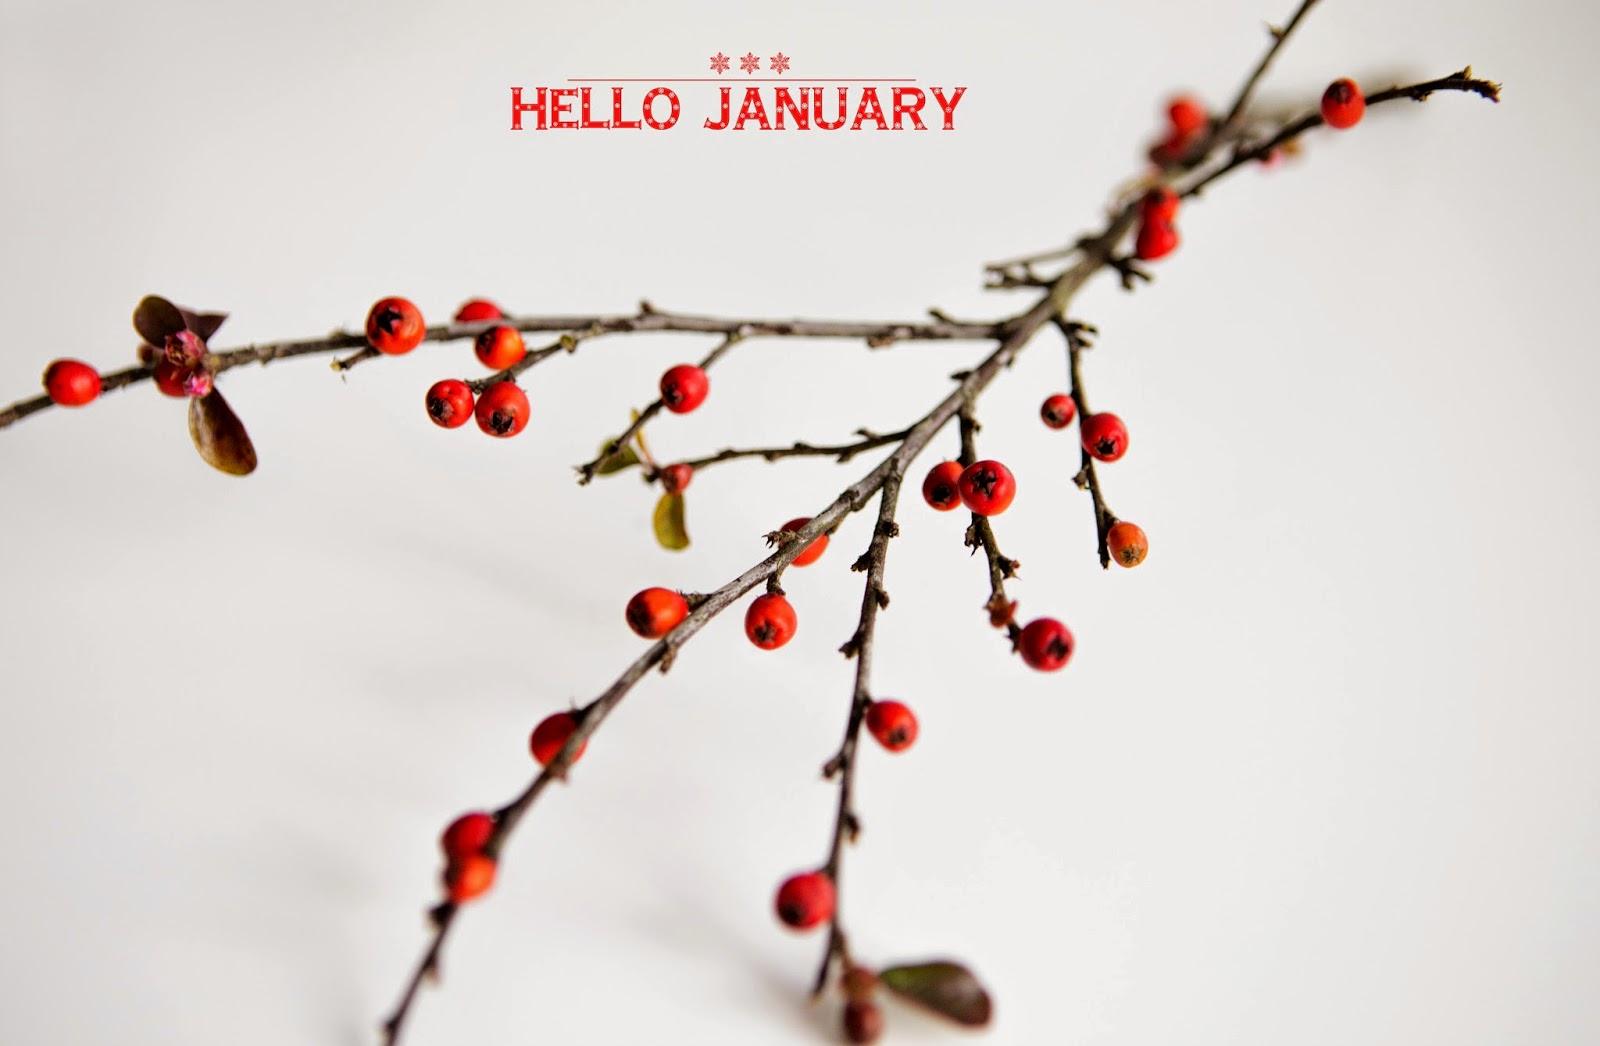 Резултат слика за hello january